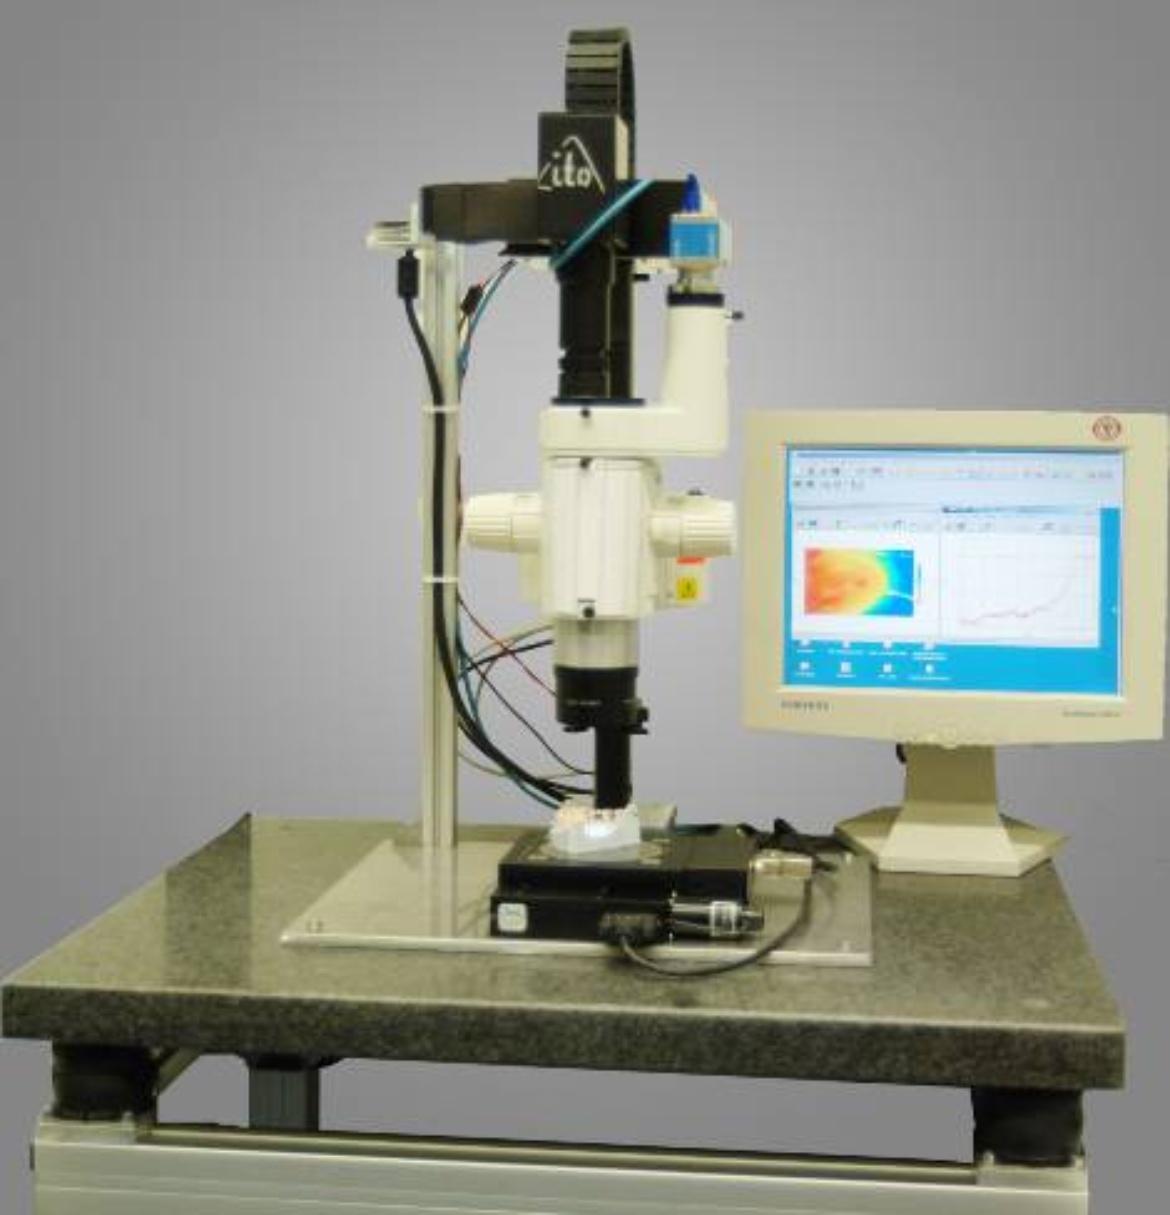 Understanding 3D sensors (c)